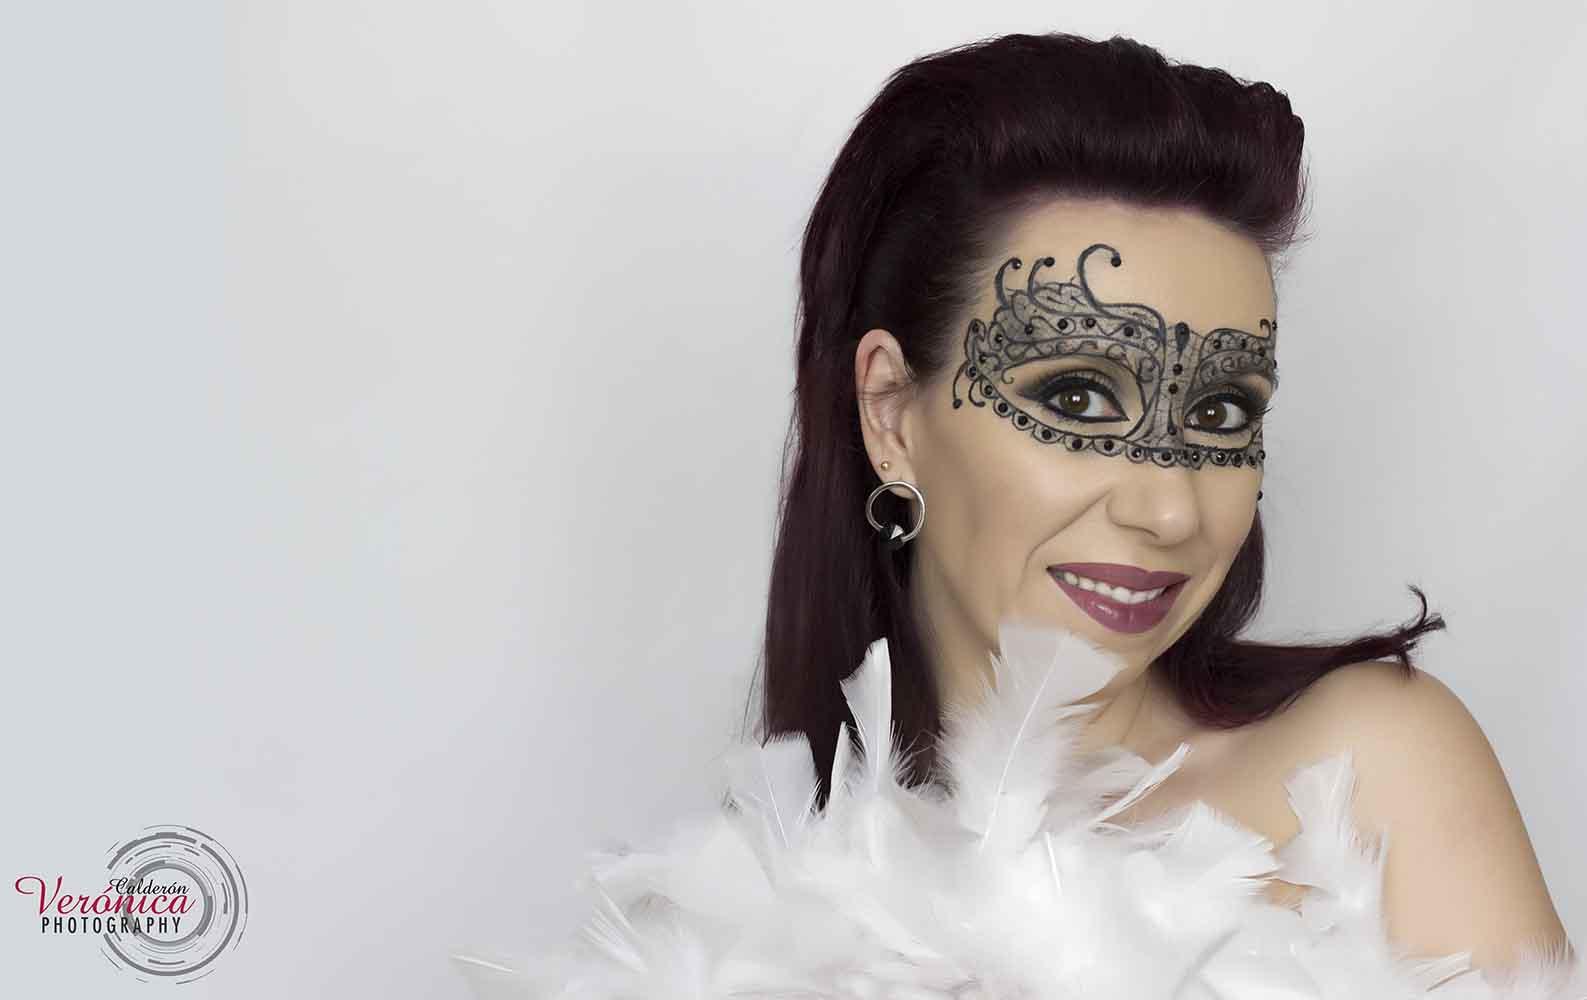 maquillaje fantasía máscara sobre piel Verónica Calderón